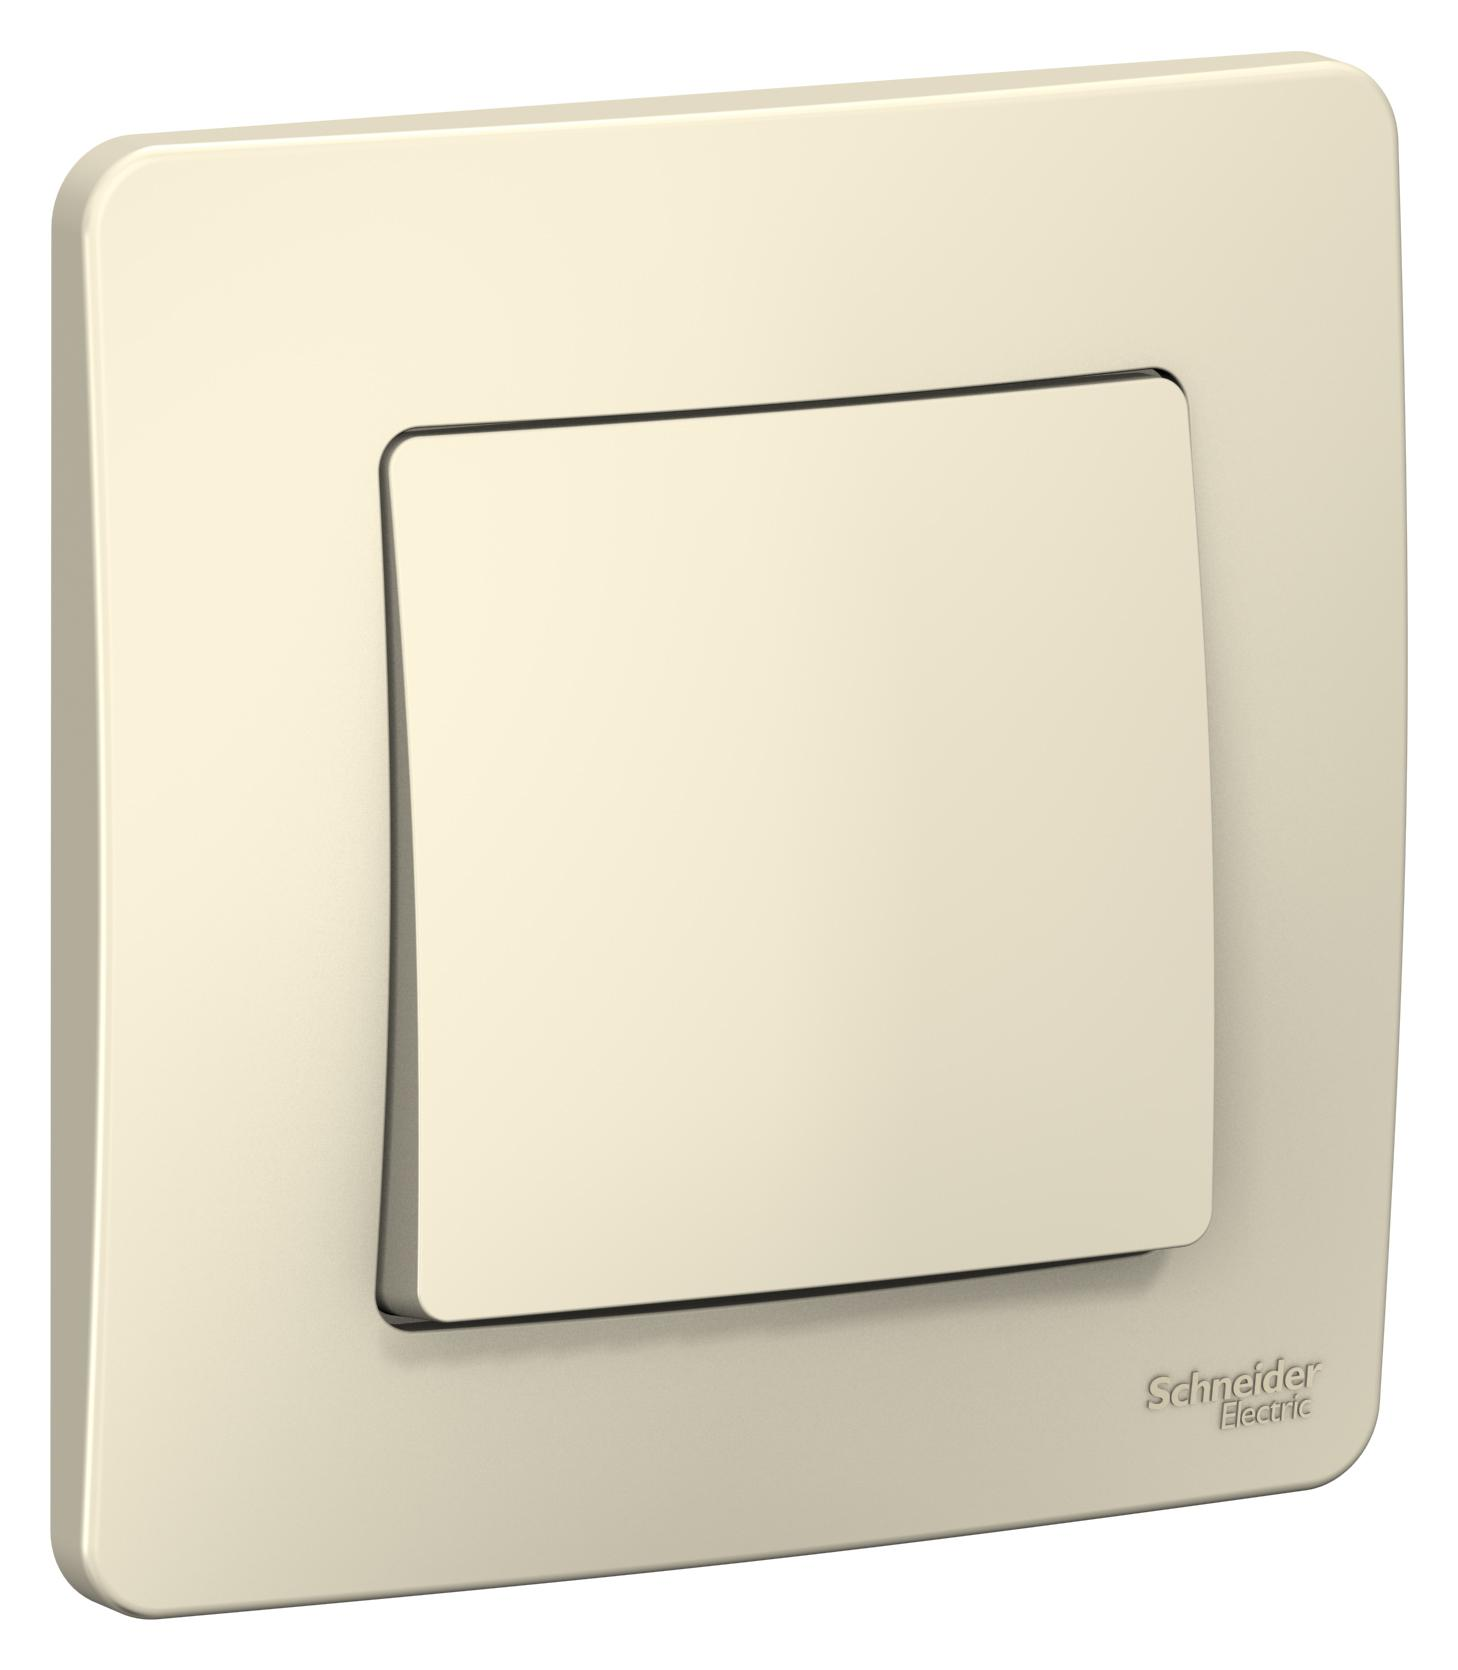 Выключатель Schneider electric Blnvs010102 blanca выключатель gsl000497 schneider electric